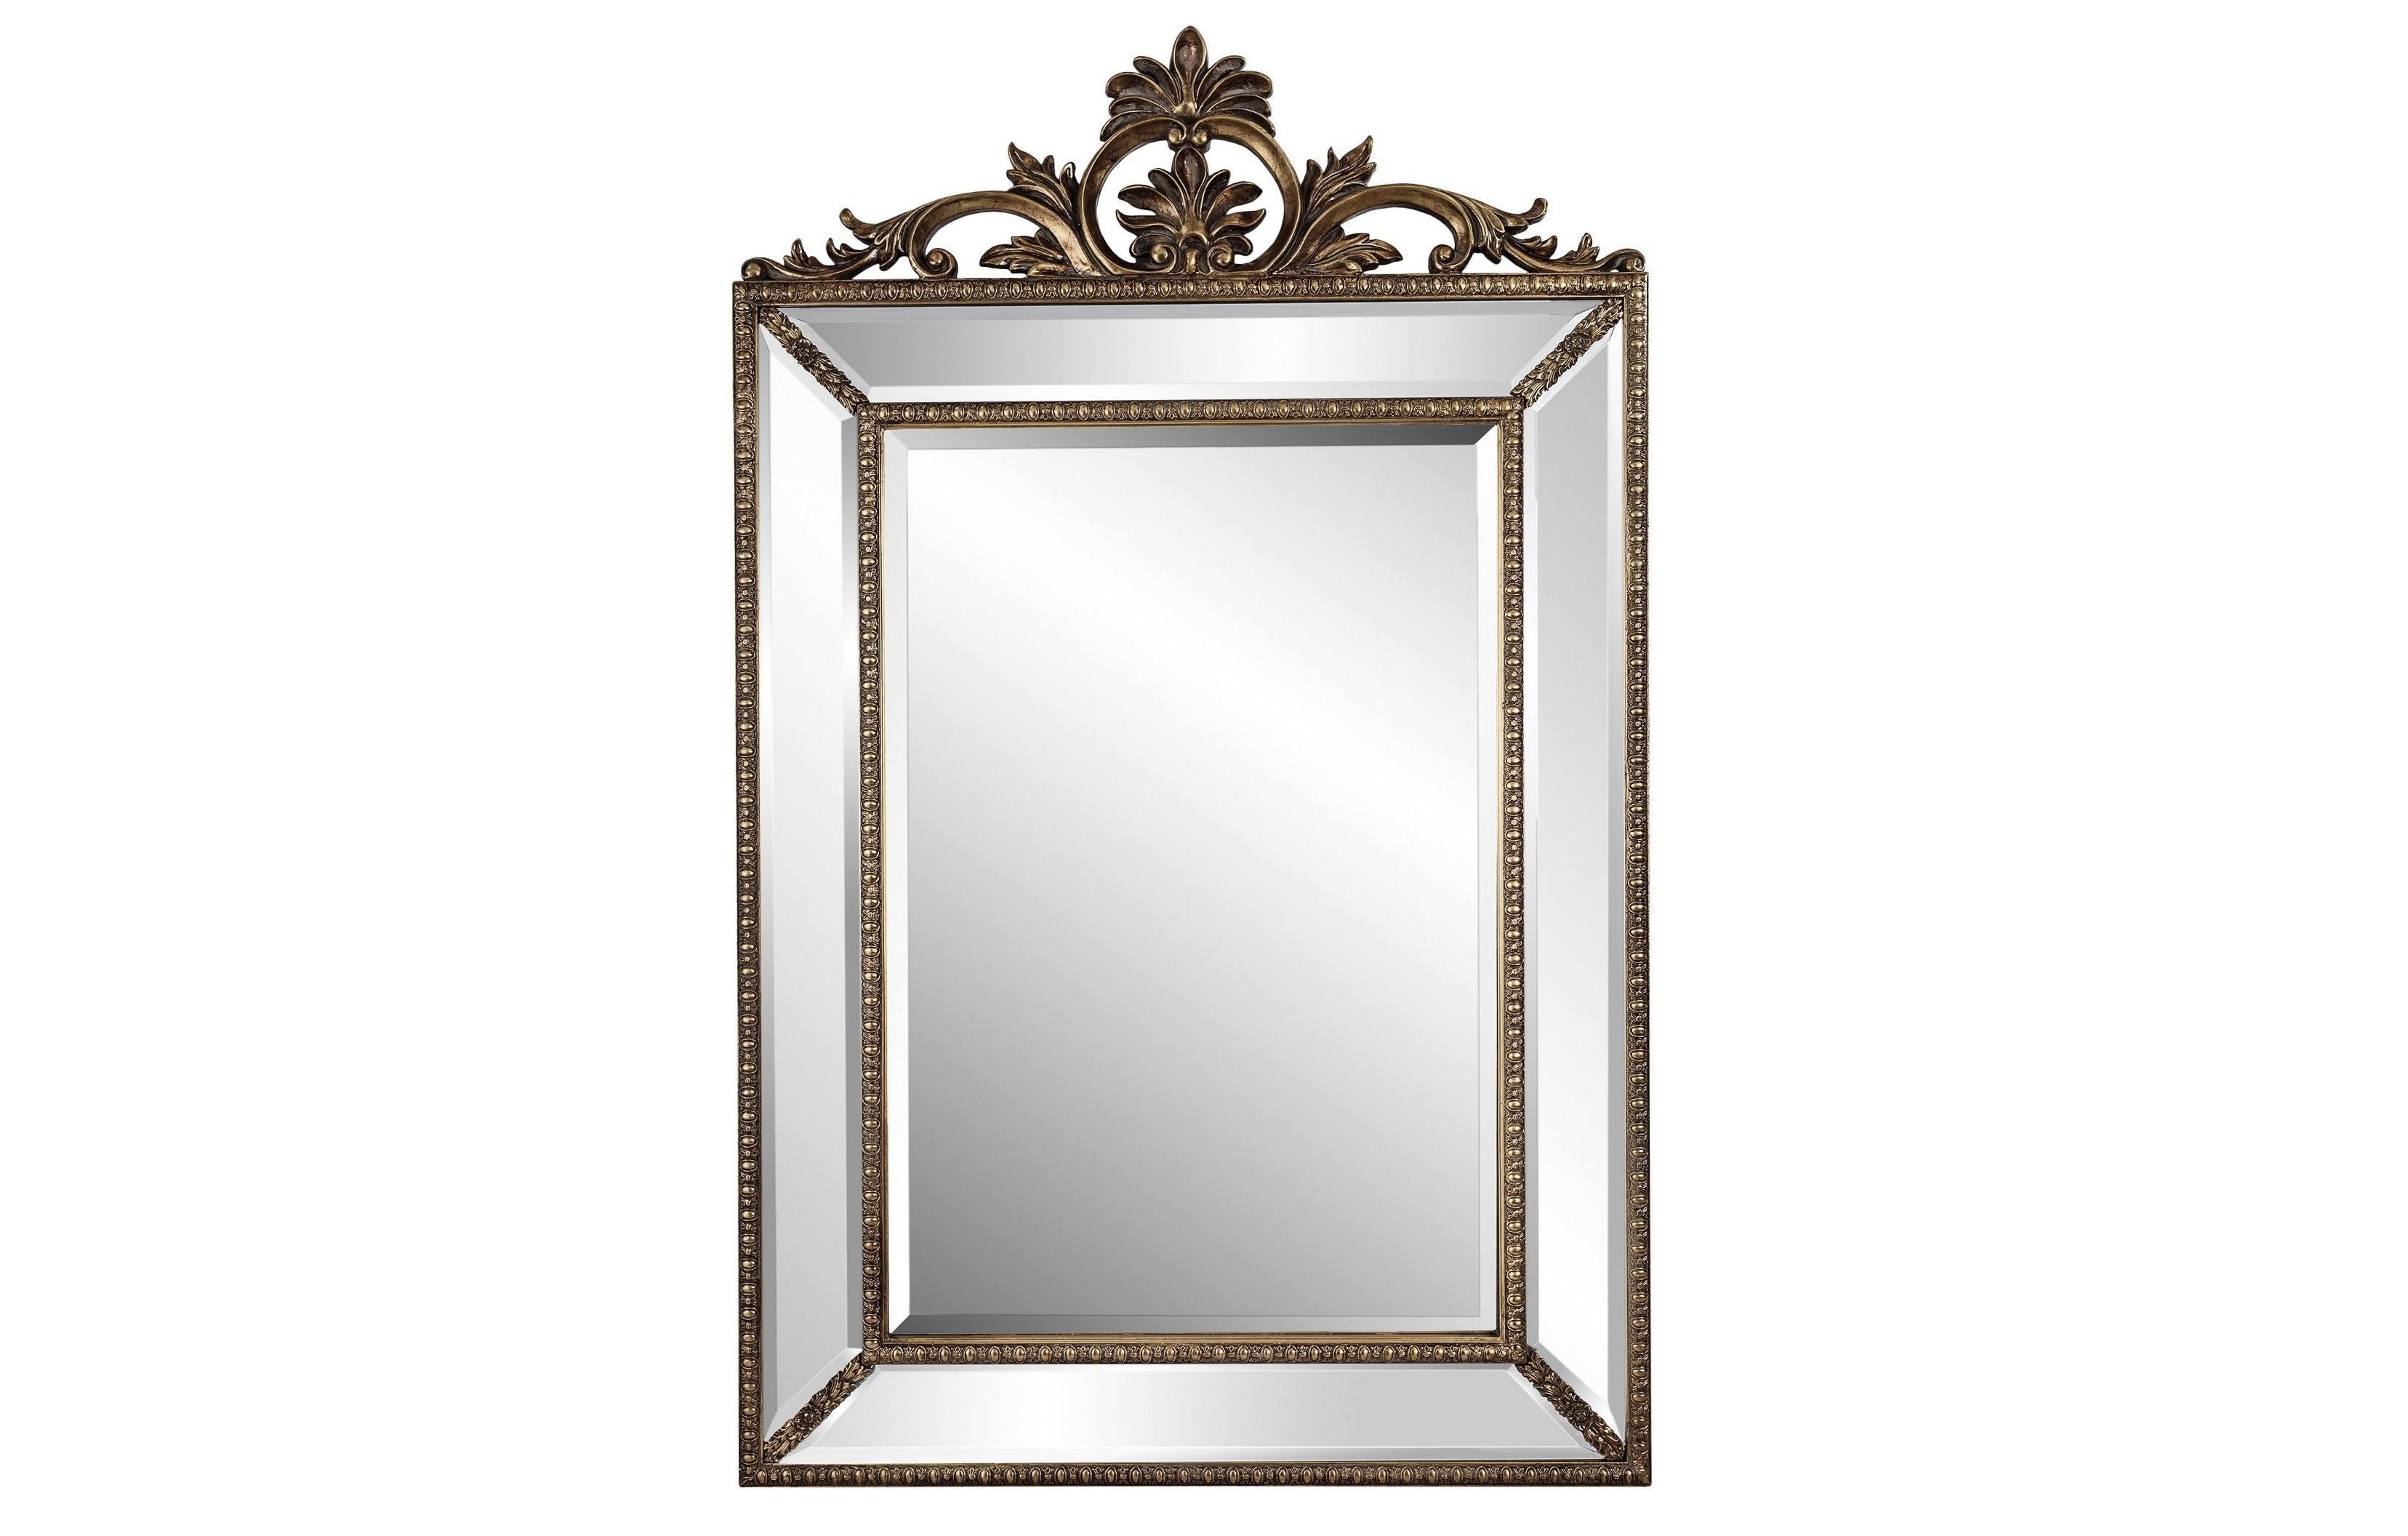 Зеркало Ambren SilverНастенные зеркала<br><br><br>Material: Полирезин<br>Width см: 90<br>Depth см: 4<br>Height см: 144